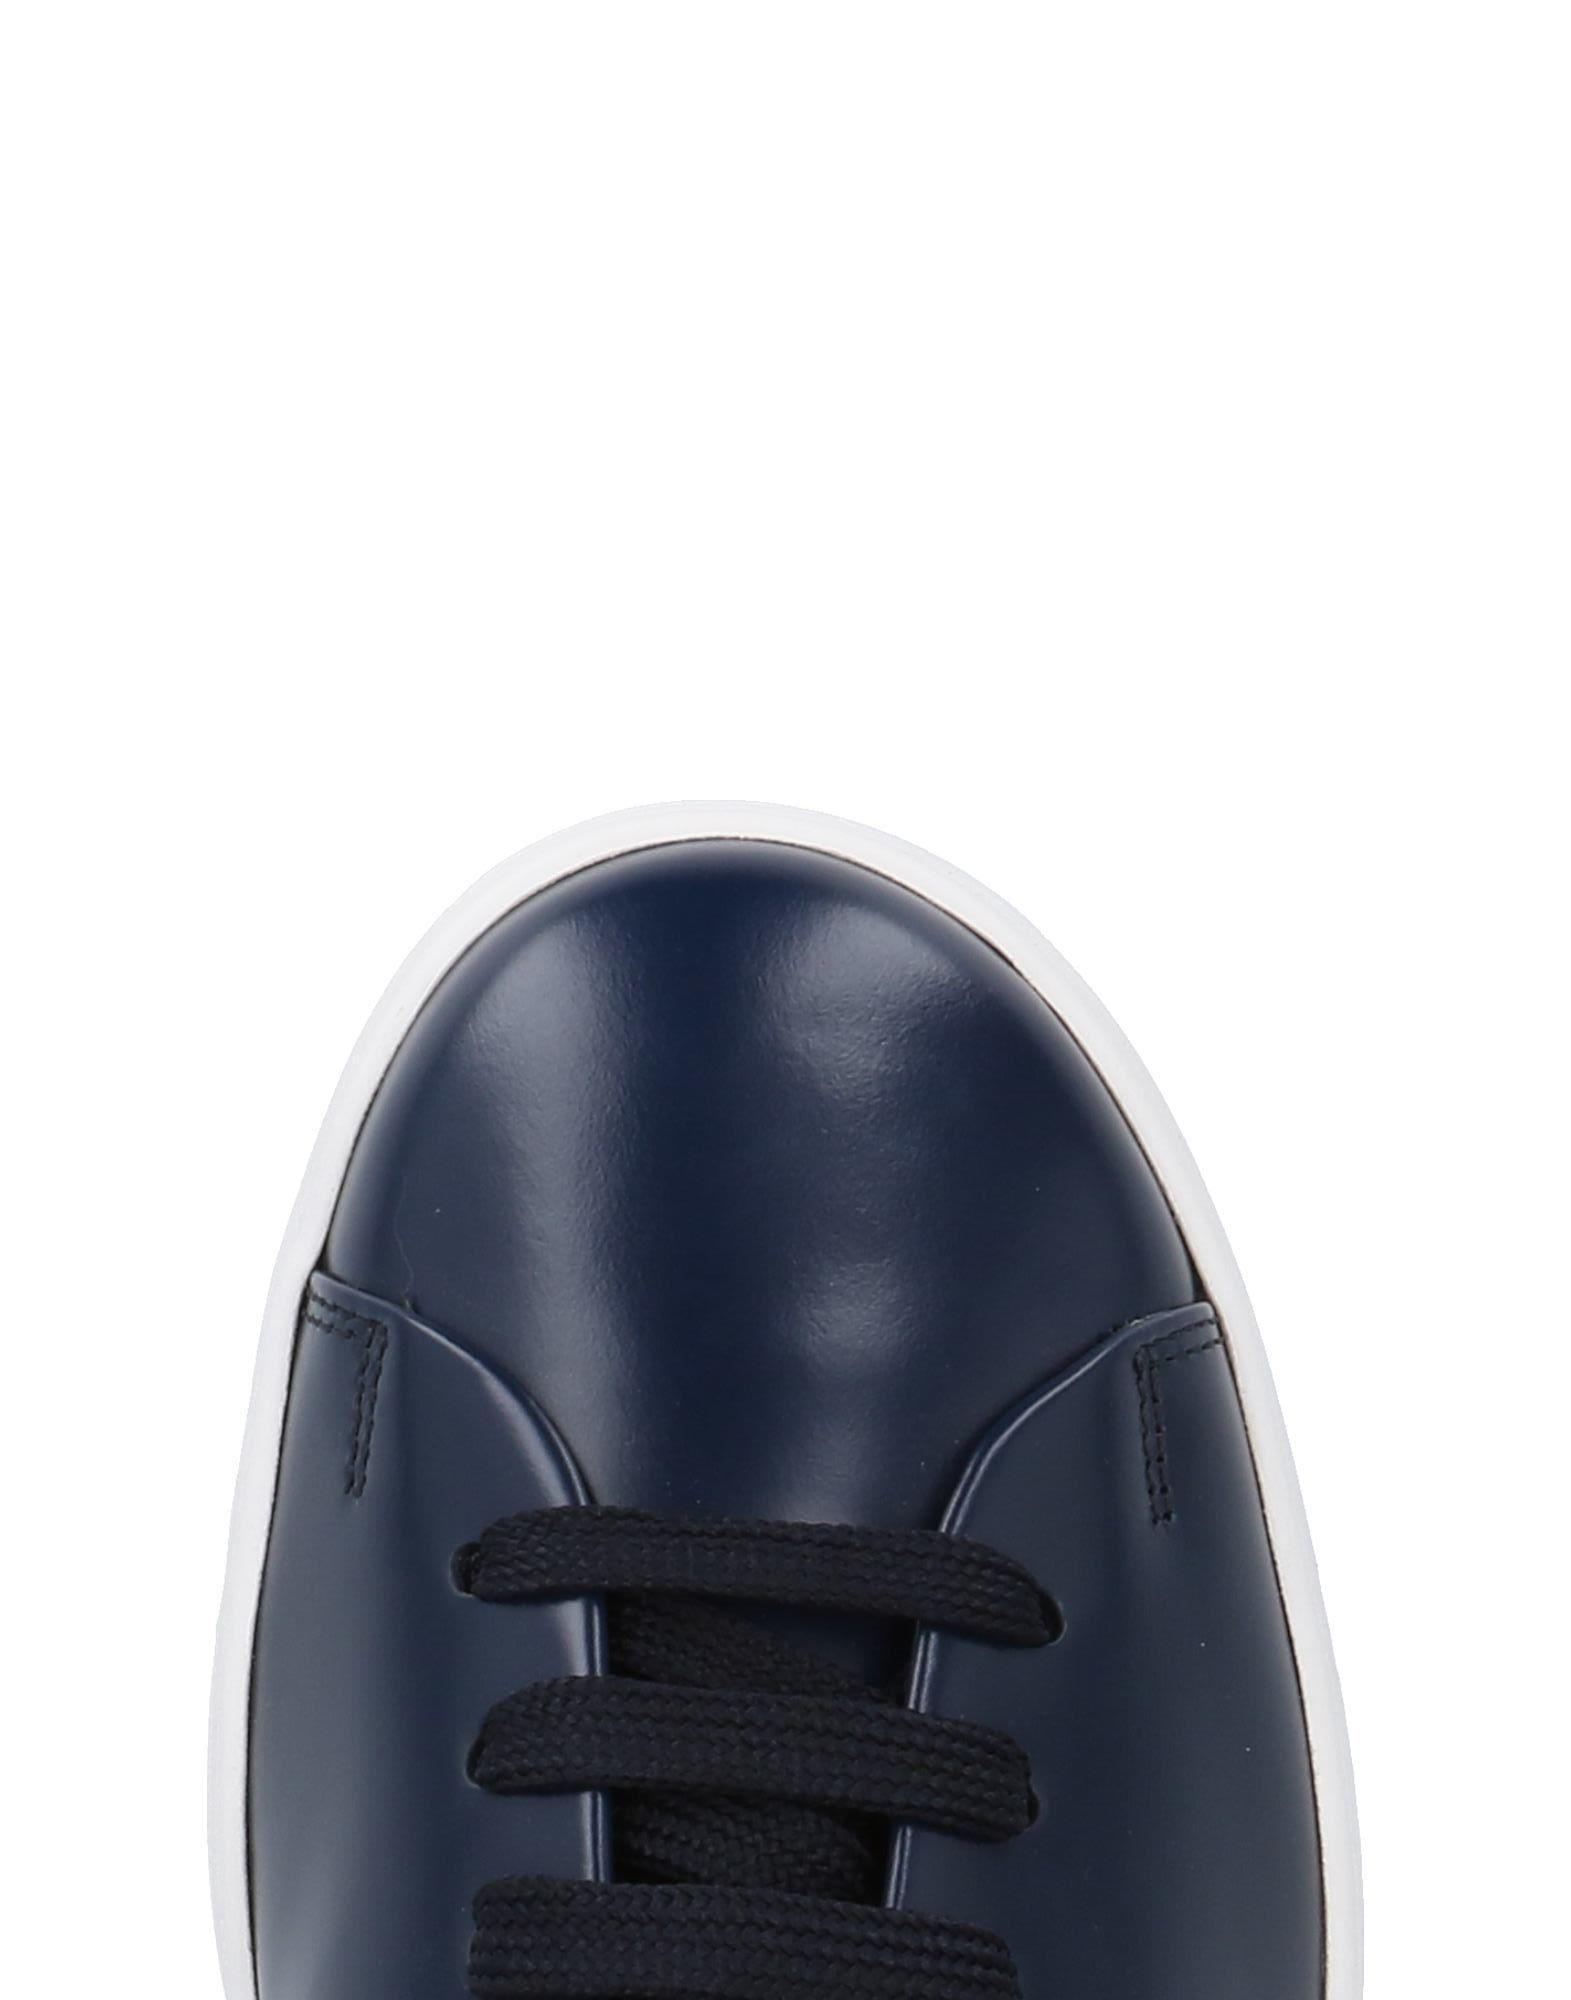 Prada Sport Herren Sneakers Herren Sport  11255284HC 1292c4